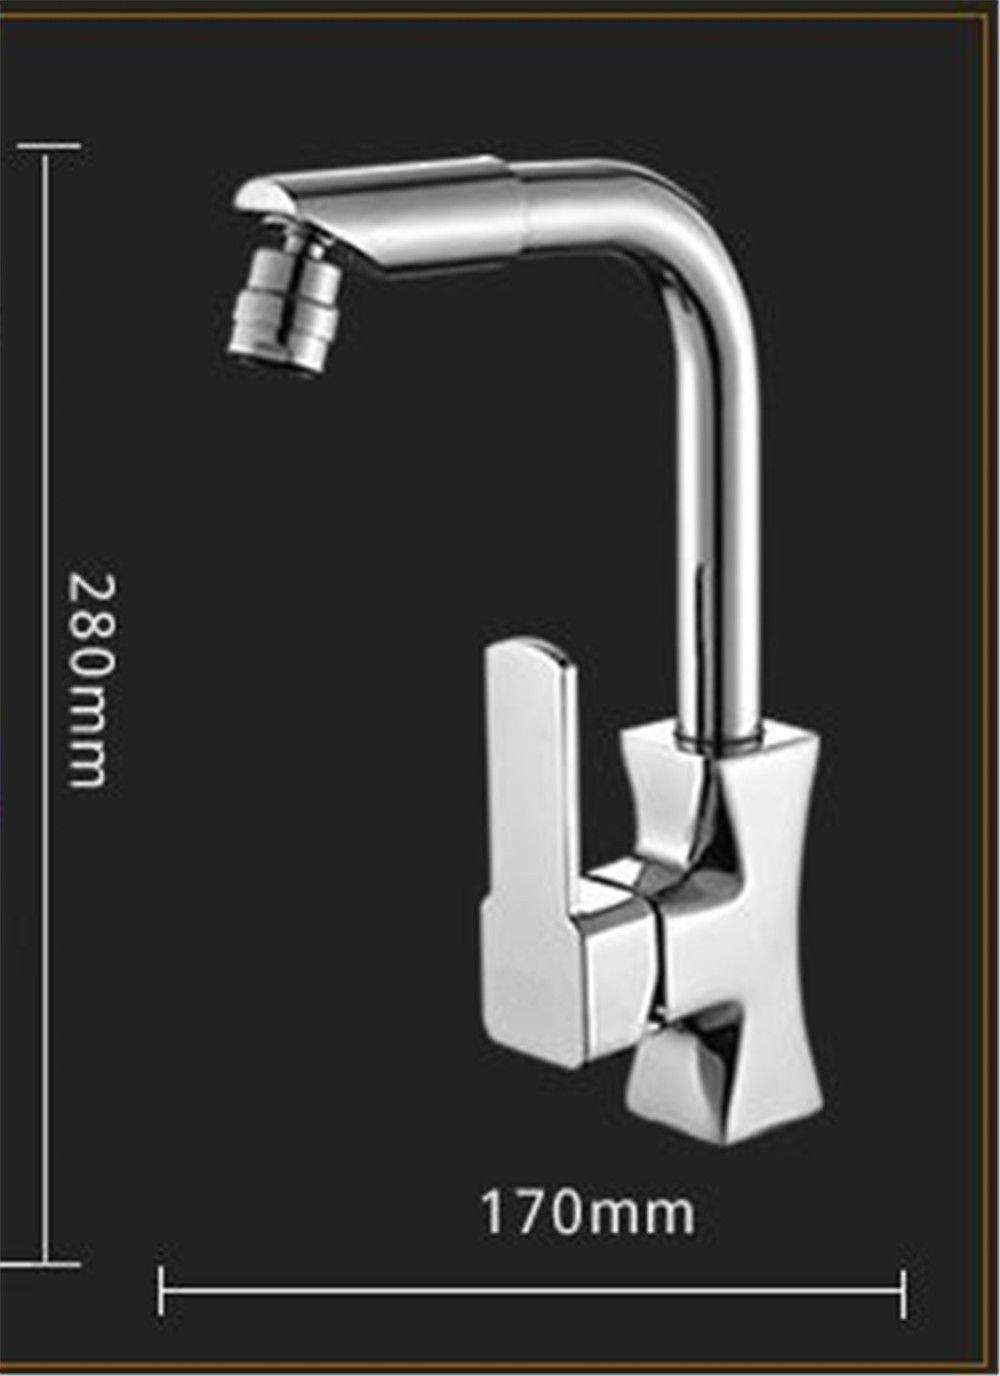 Amazon.com: Dayanand Kitchen Faucet Align Motion sense Wave Sensor ...